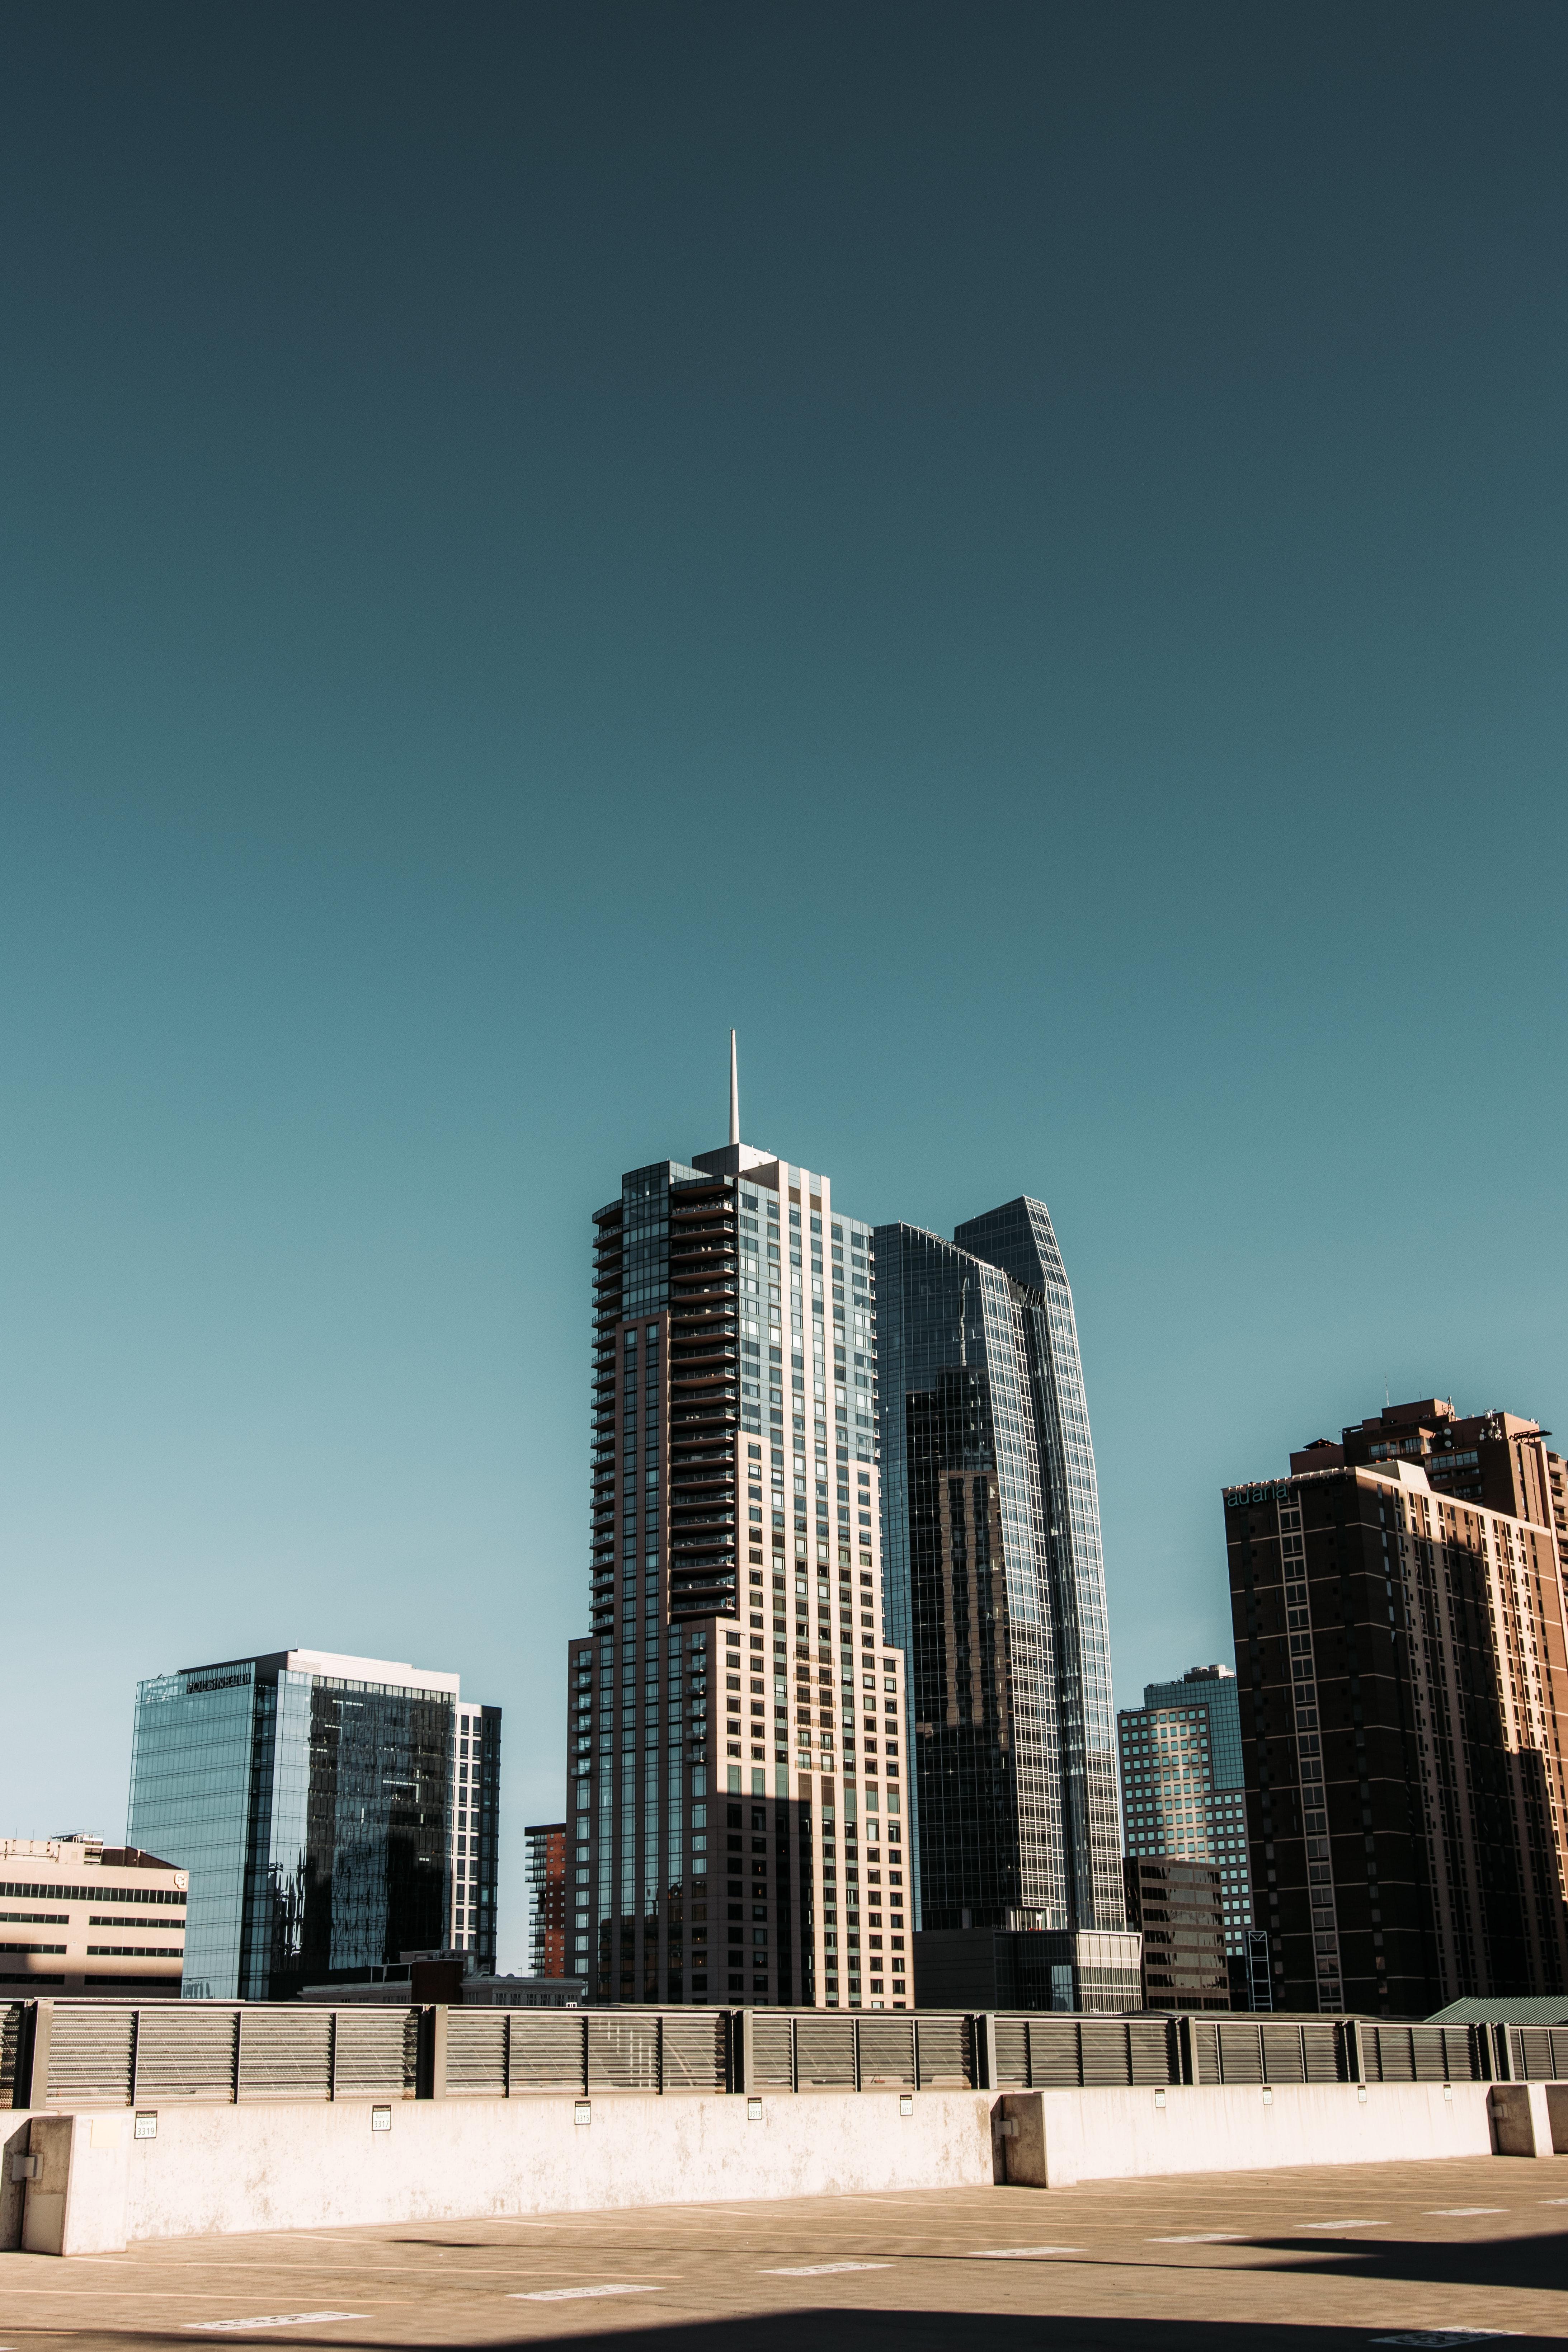 81860壁紙のダウンロード市, 都市, 建物, 通り, アーキテクチャ-スクリーンセーバーと写真を無料で